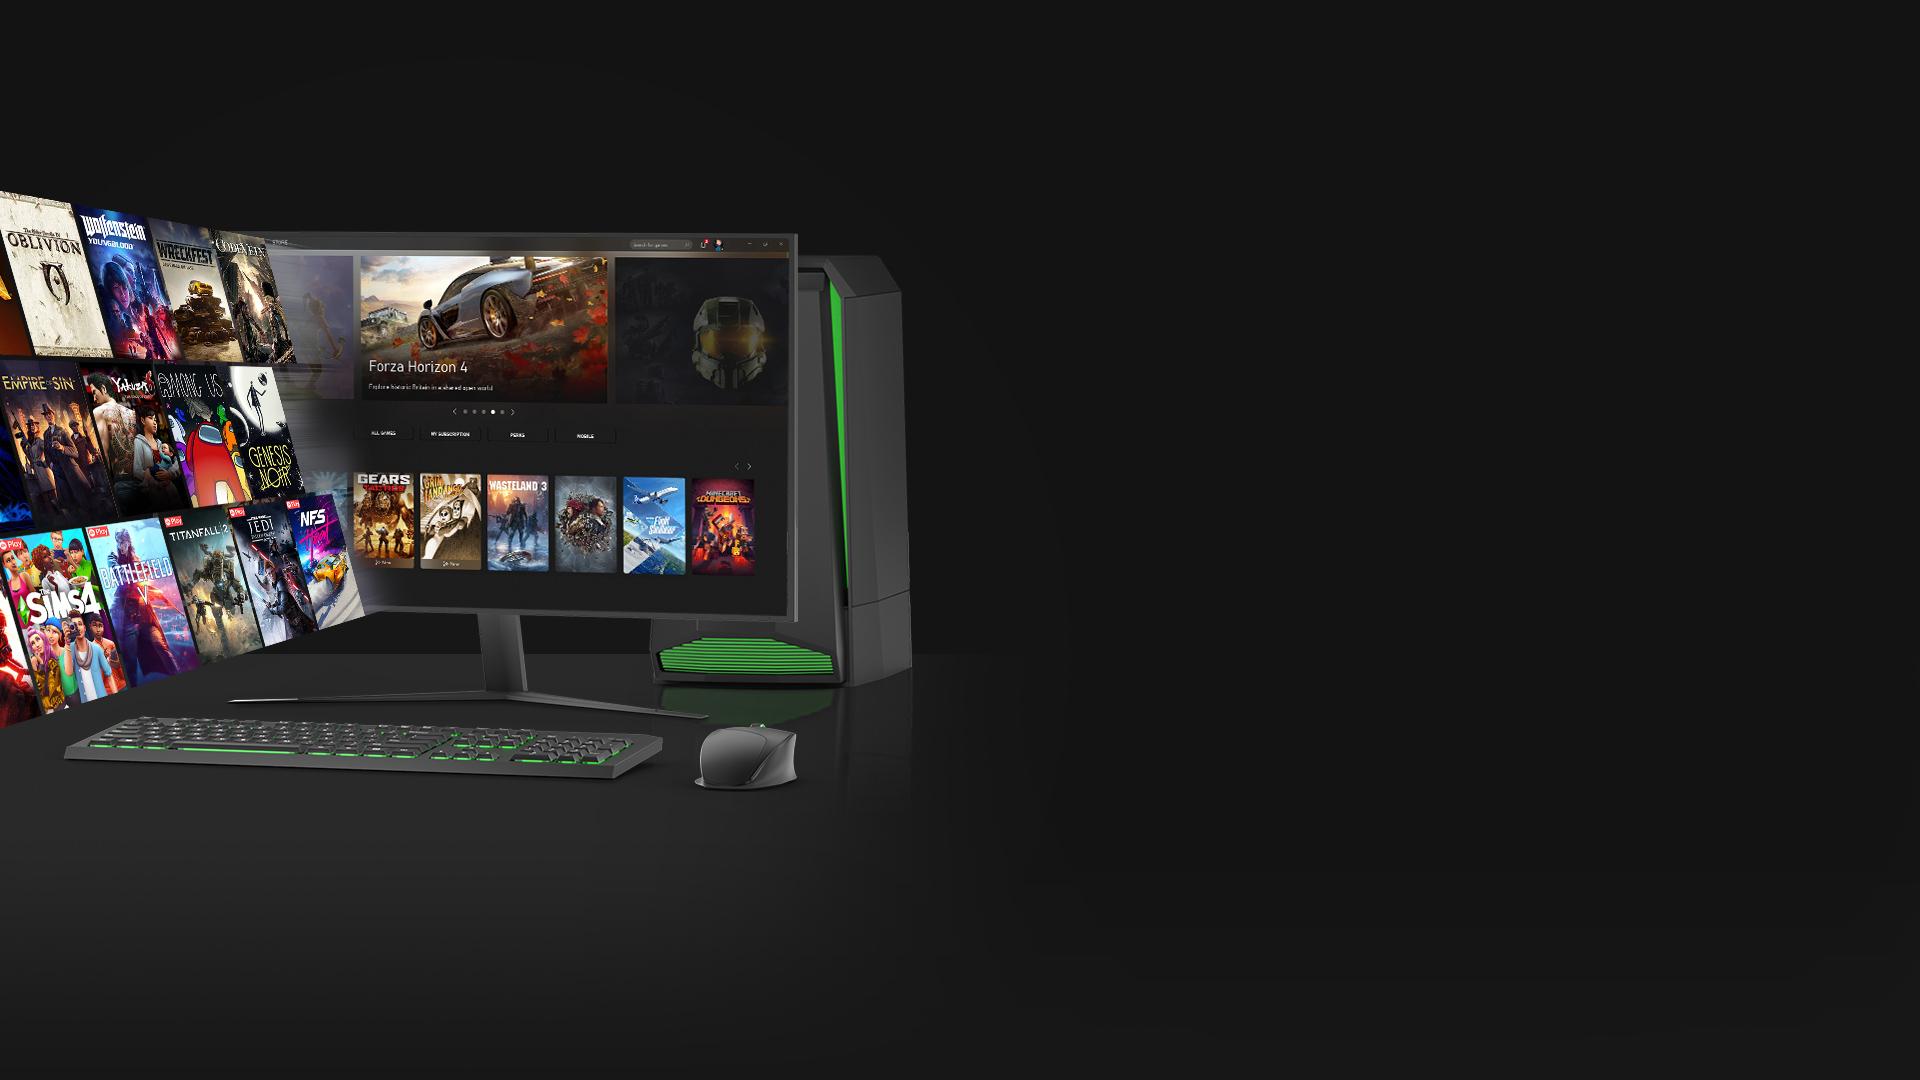 Een galerij van pc-games komt tevoorschijn uit een pc-monitor waarop de Xbox-app voor Windows 10 te zien is.